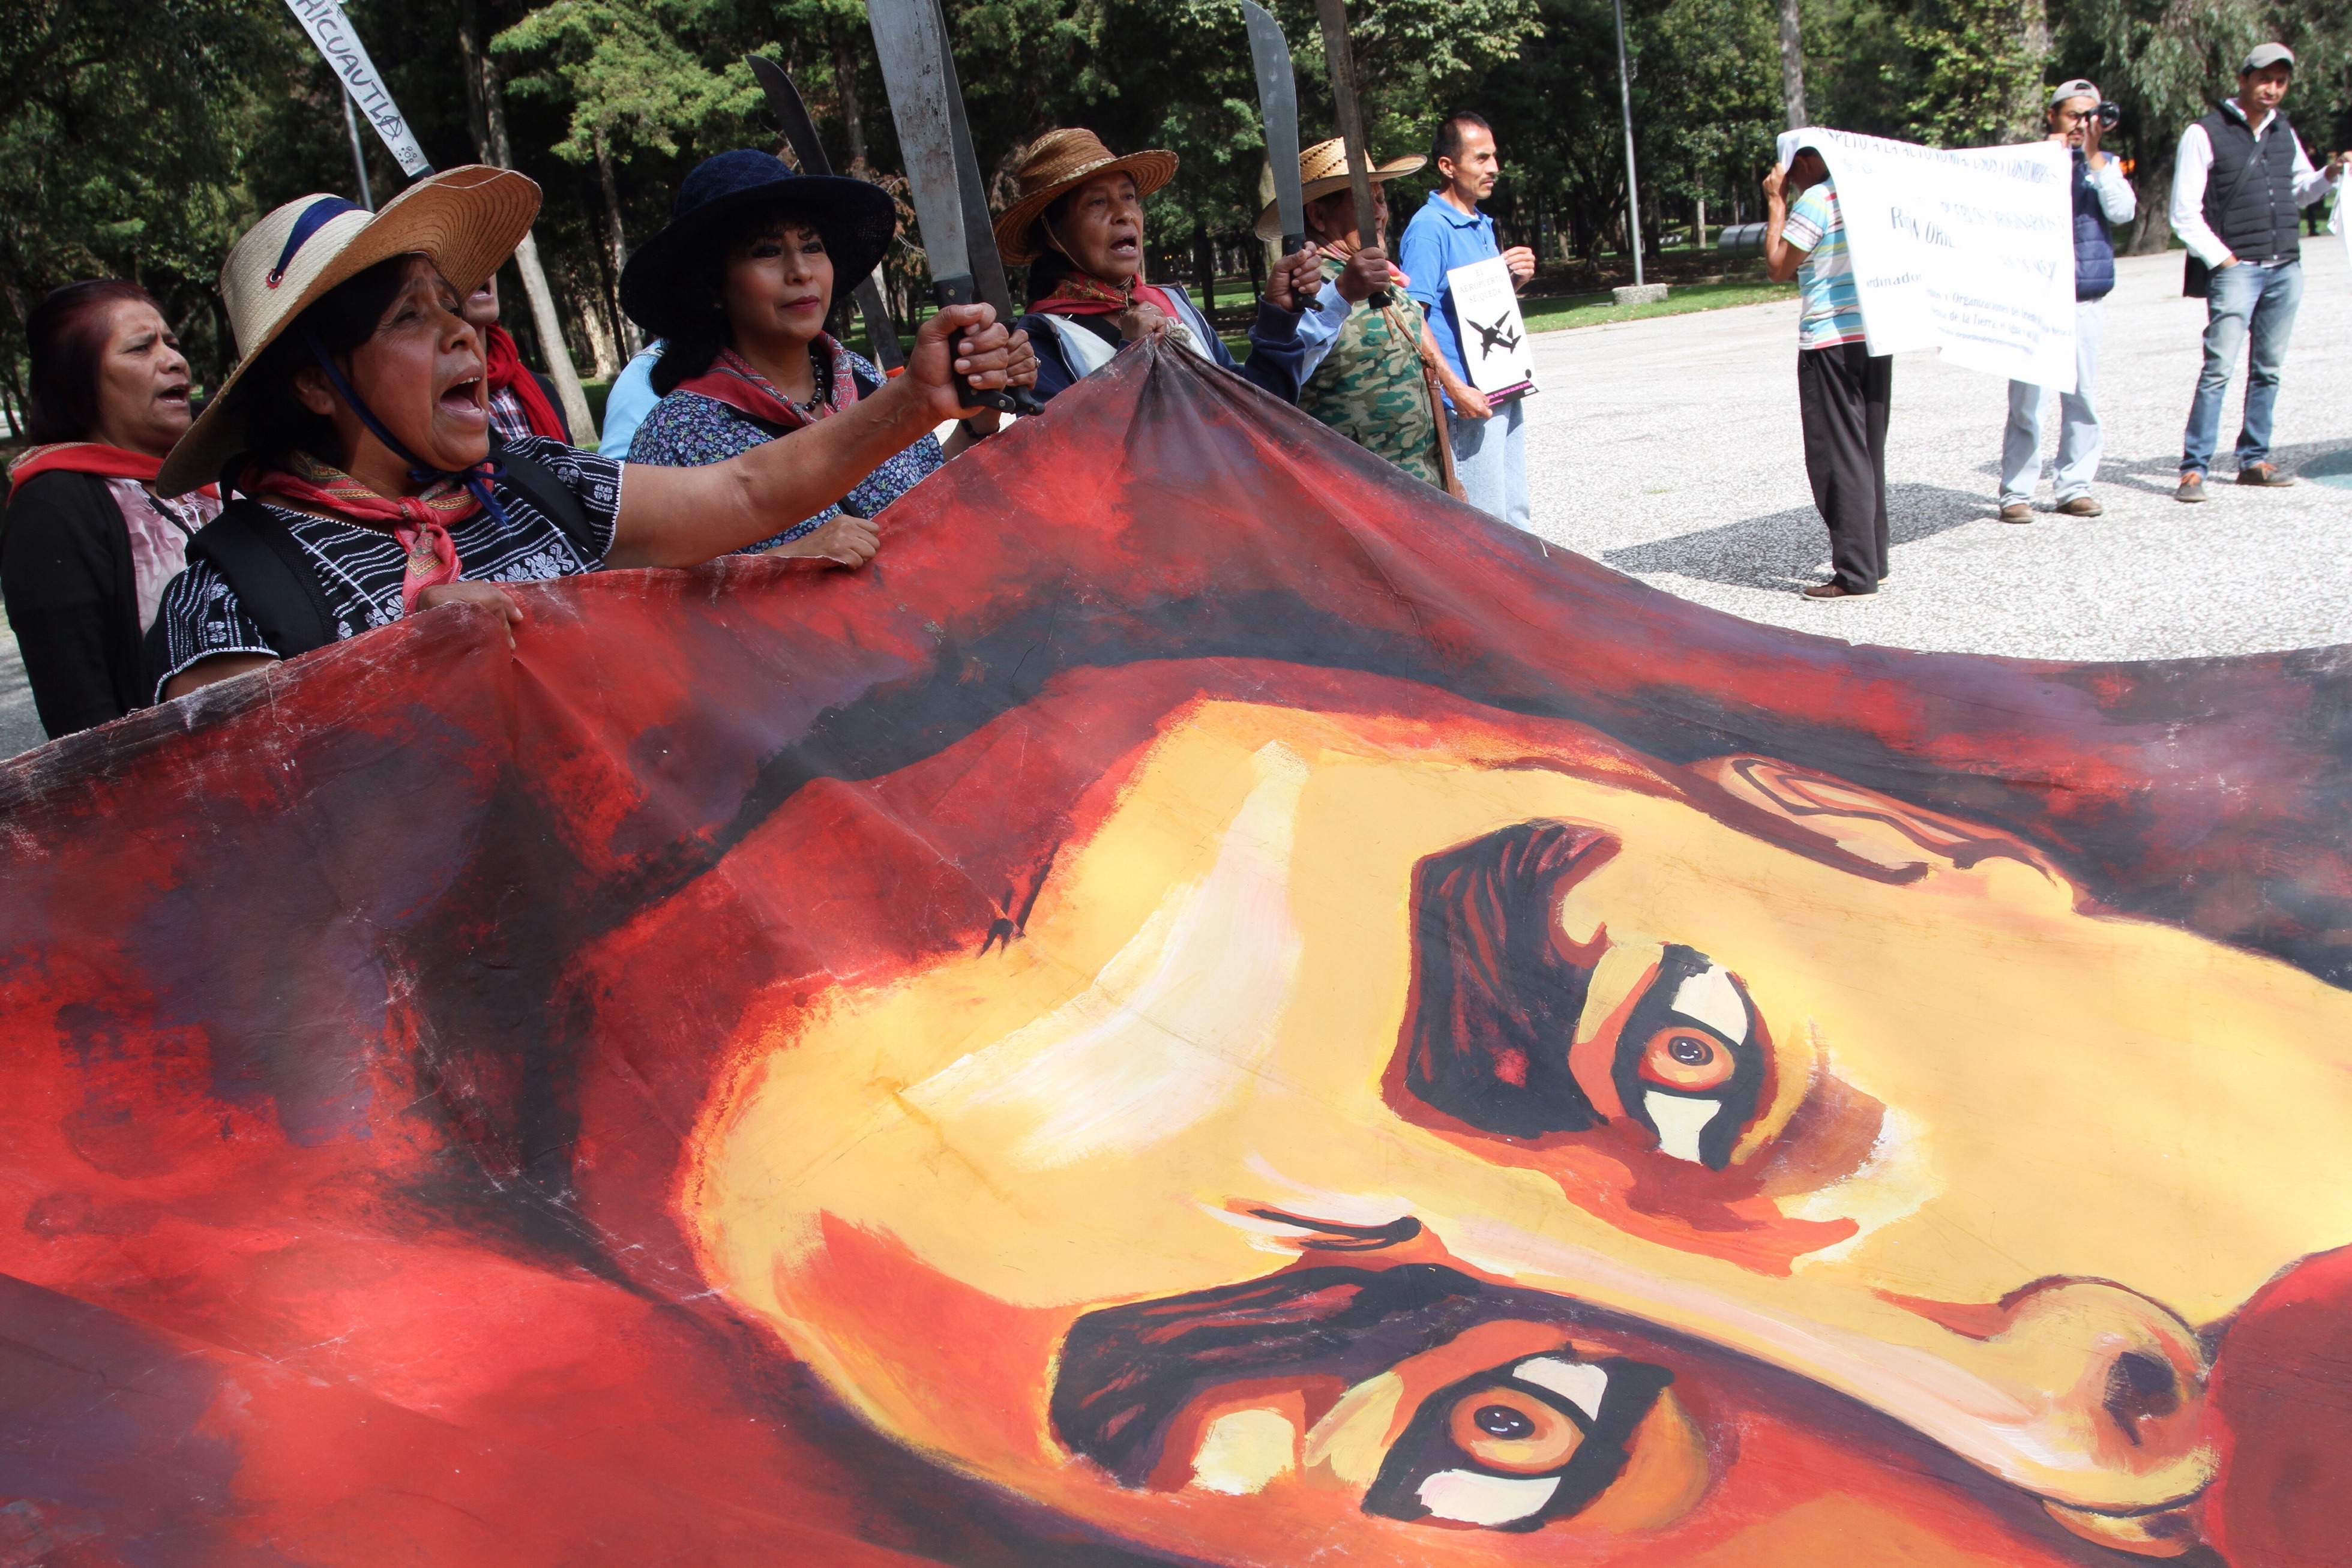 Foto: María José Martínez / Cuartoscuro